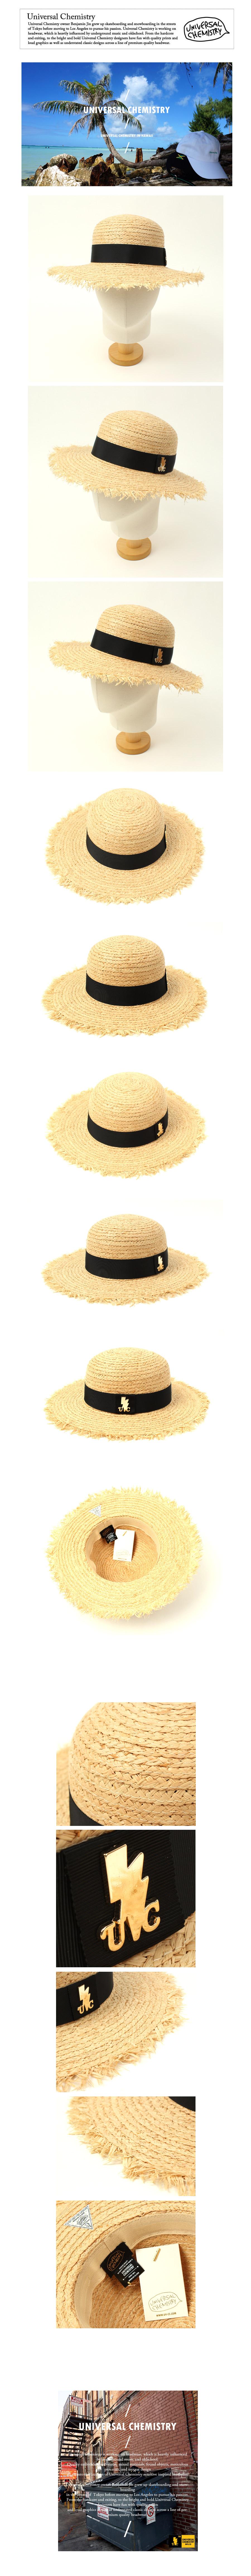 GDMT Round Natural Raffia Hat 여름페도라